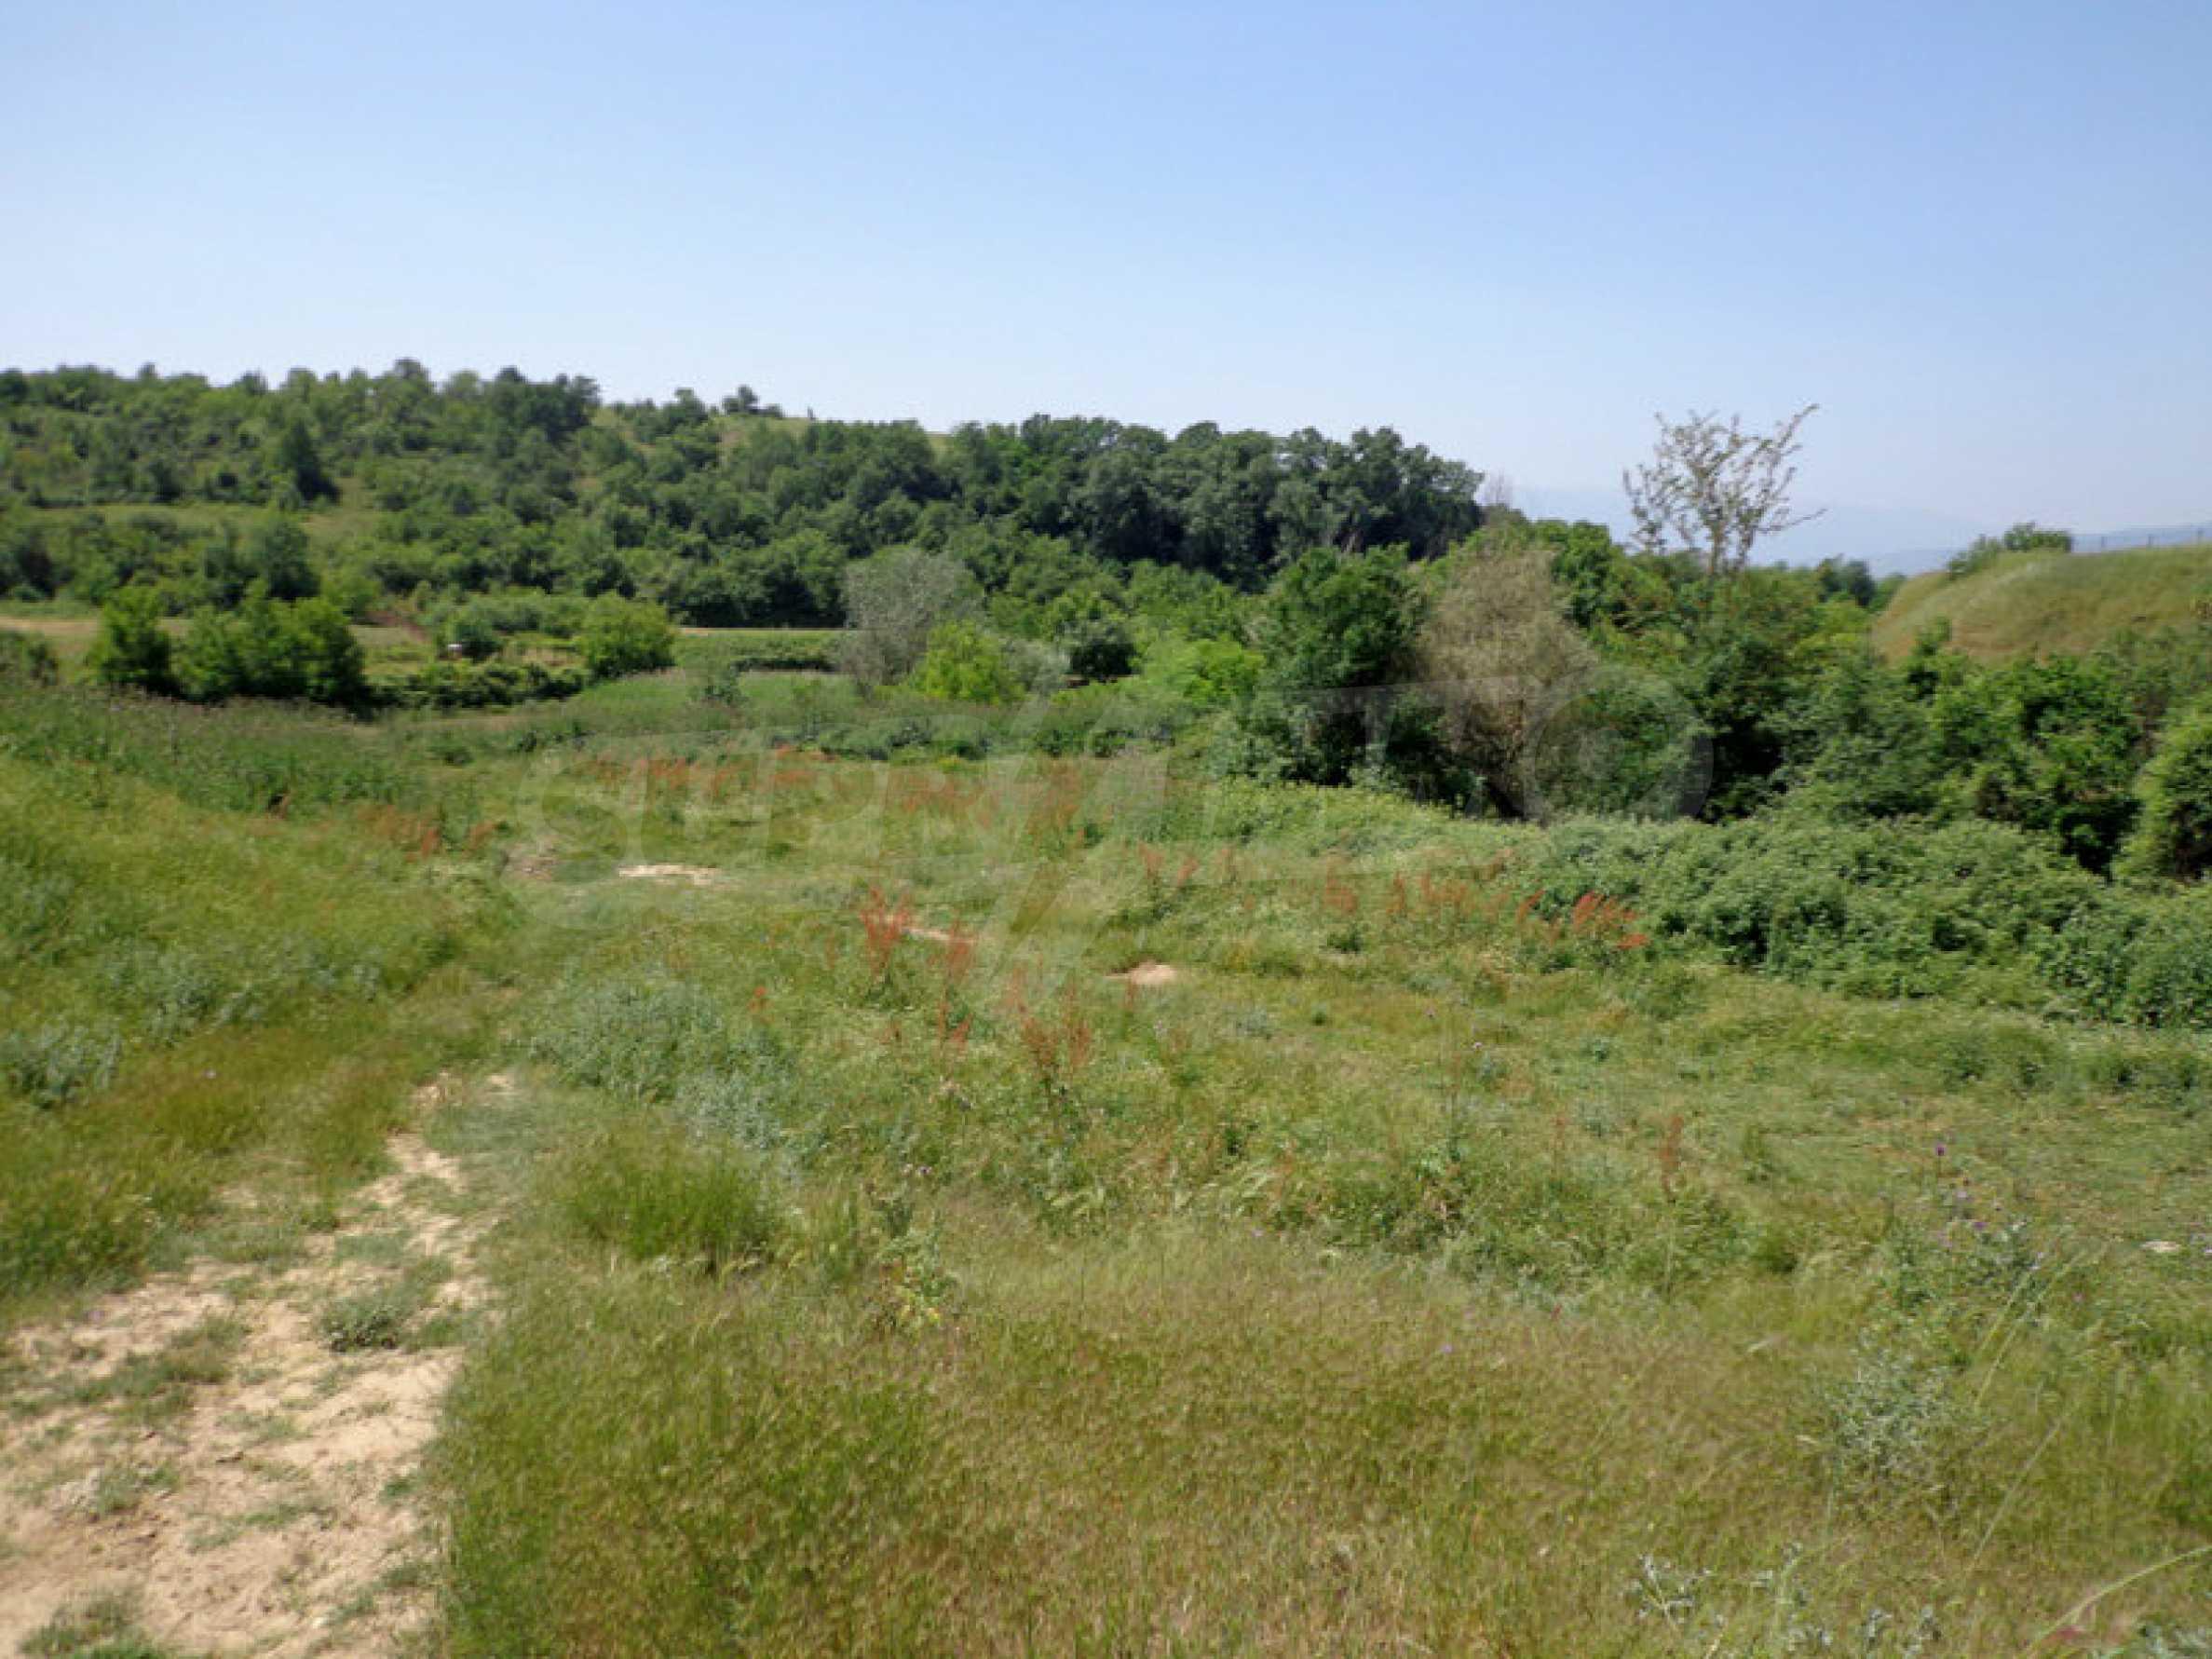 Grundstück zum Verkauf in einem malerischen Dorf 12 km von Sandanski entfernt 3